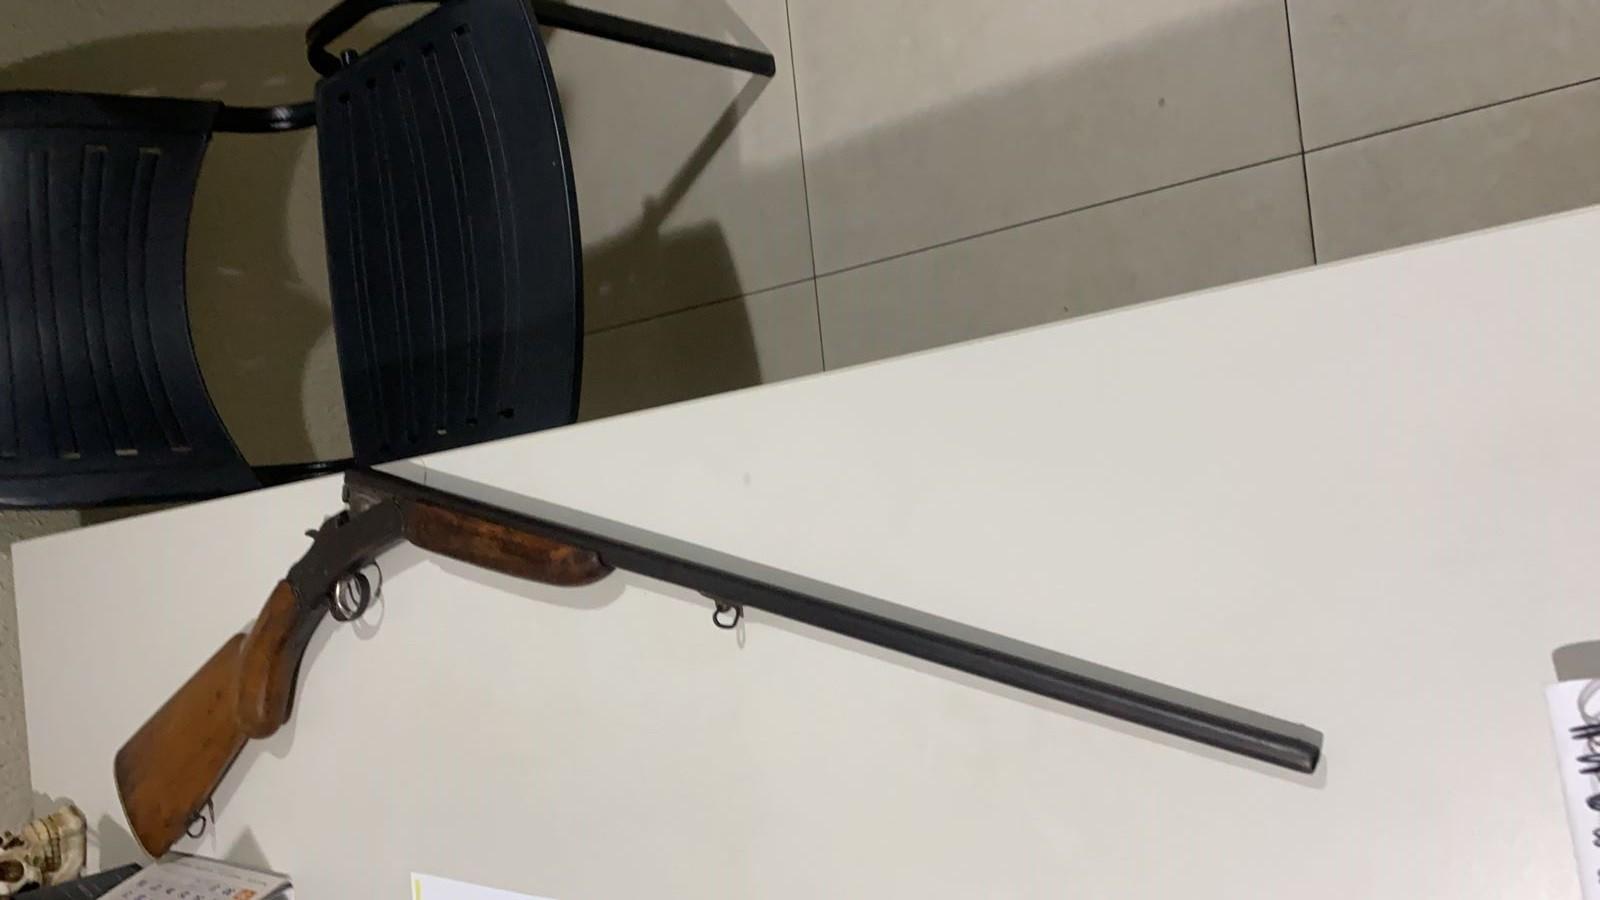 Homem suspeito de chefiar tráfico de drogas e integrar grupo criminoso é preso com rifle na Grande Fortaleza